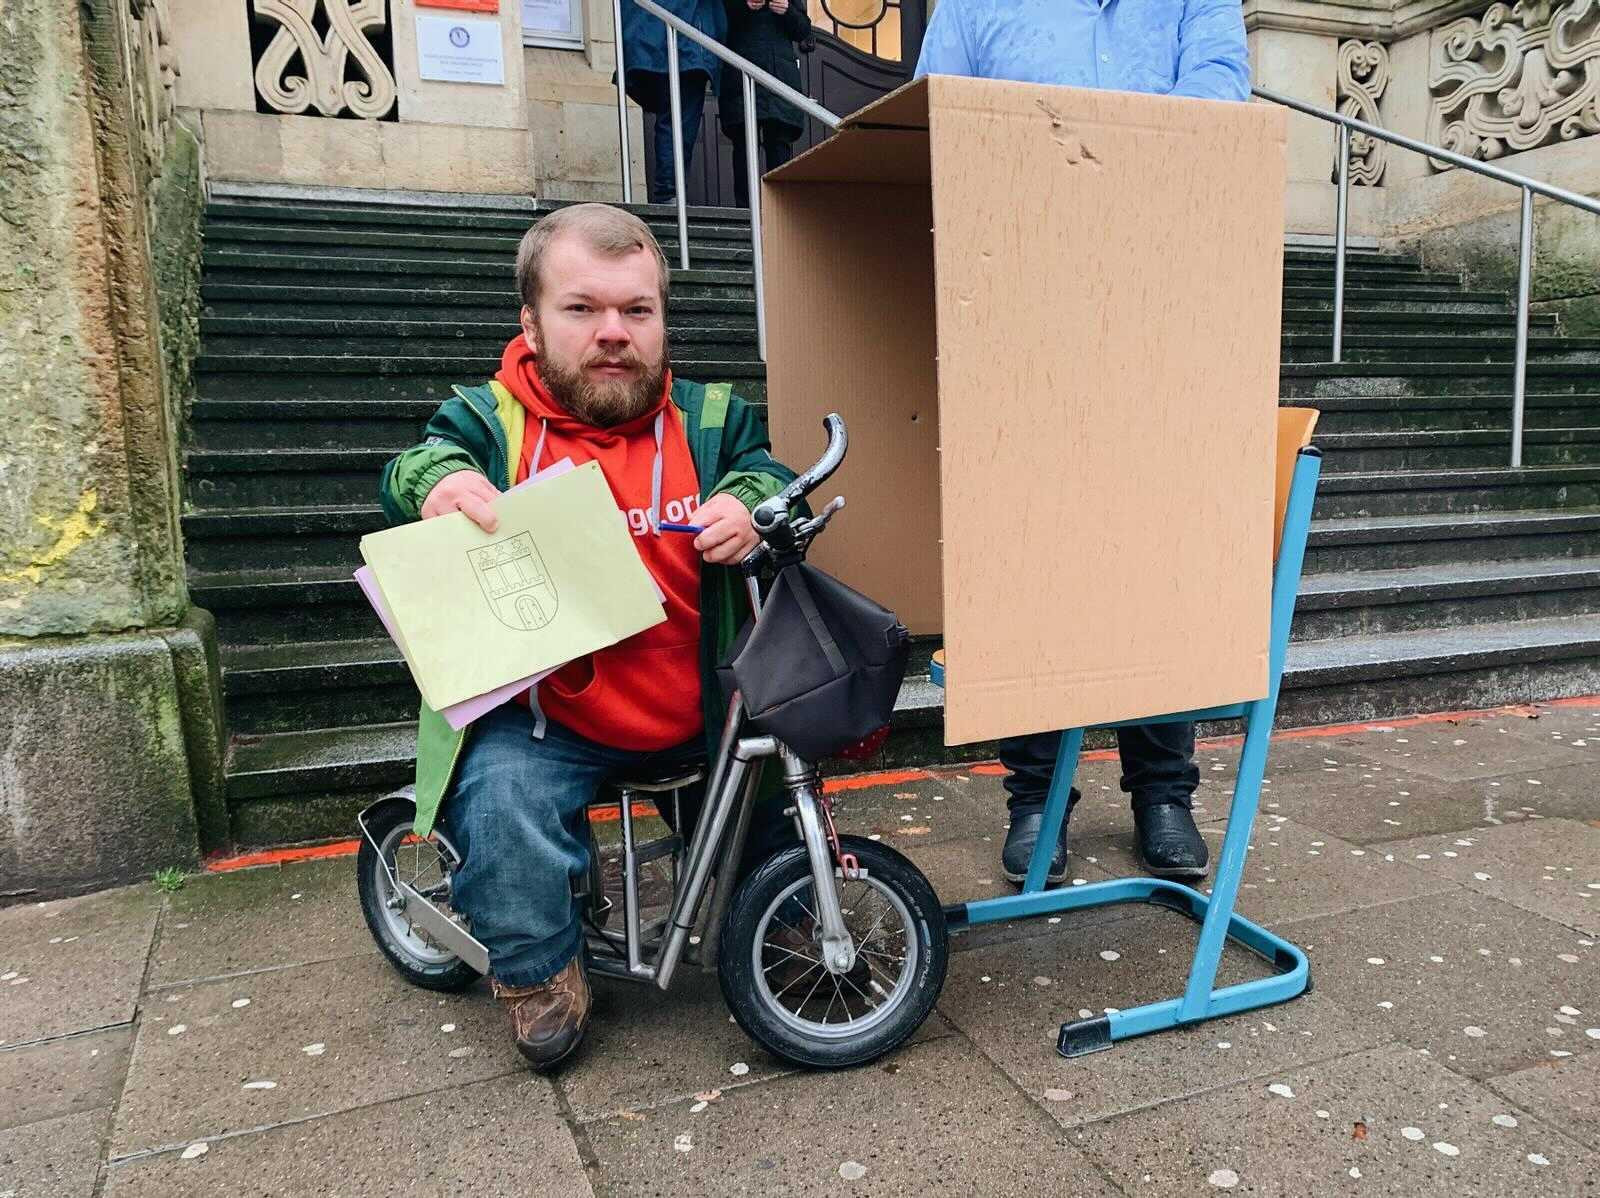 Ein kleinwüchsiger Mann sitzt vor einem Wahllokal, in das Treppen führen, auf seinem Dreirad. Vor ihm eine provisorische Wahlkabine.